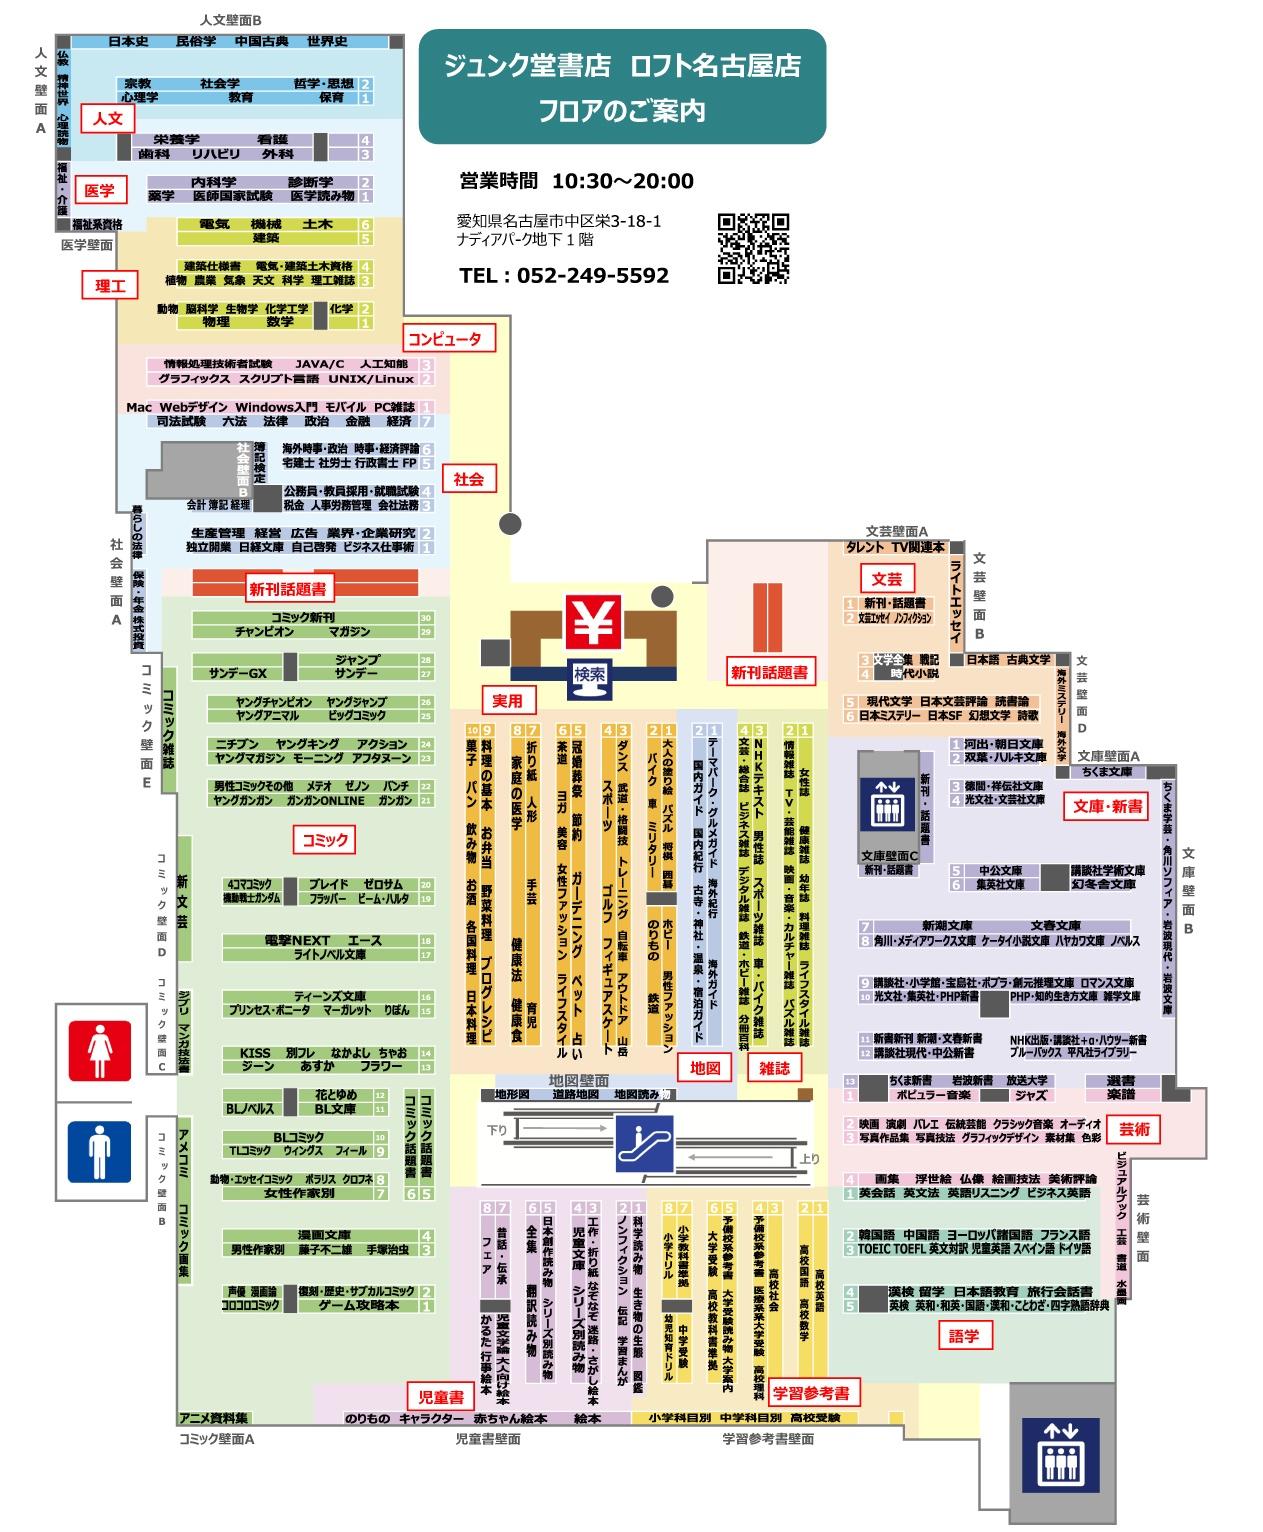 圧倒的な取り扱い冊数!読みたい本が必ず見つかる名古屋駅・栄周辺の大型本屋まとめ - 70053 1